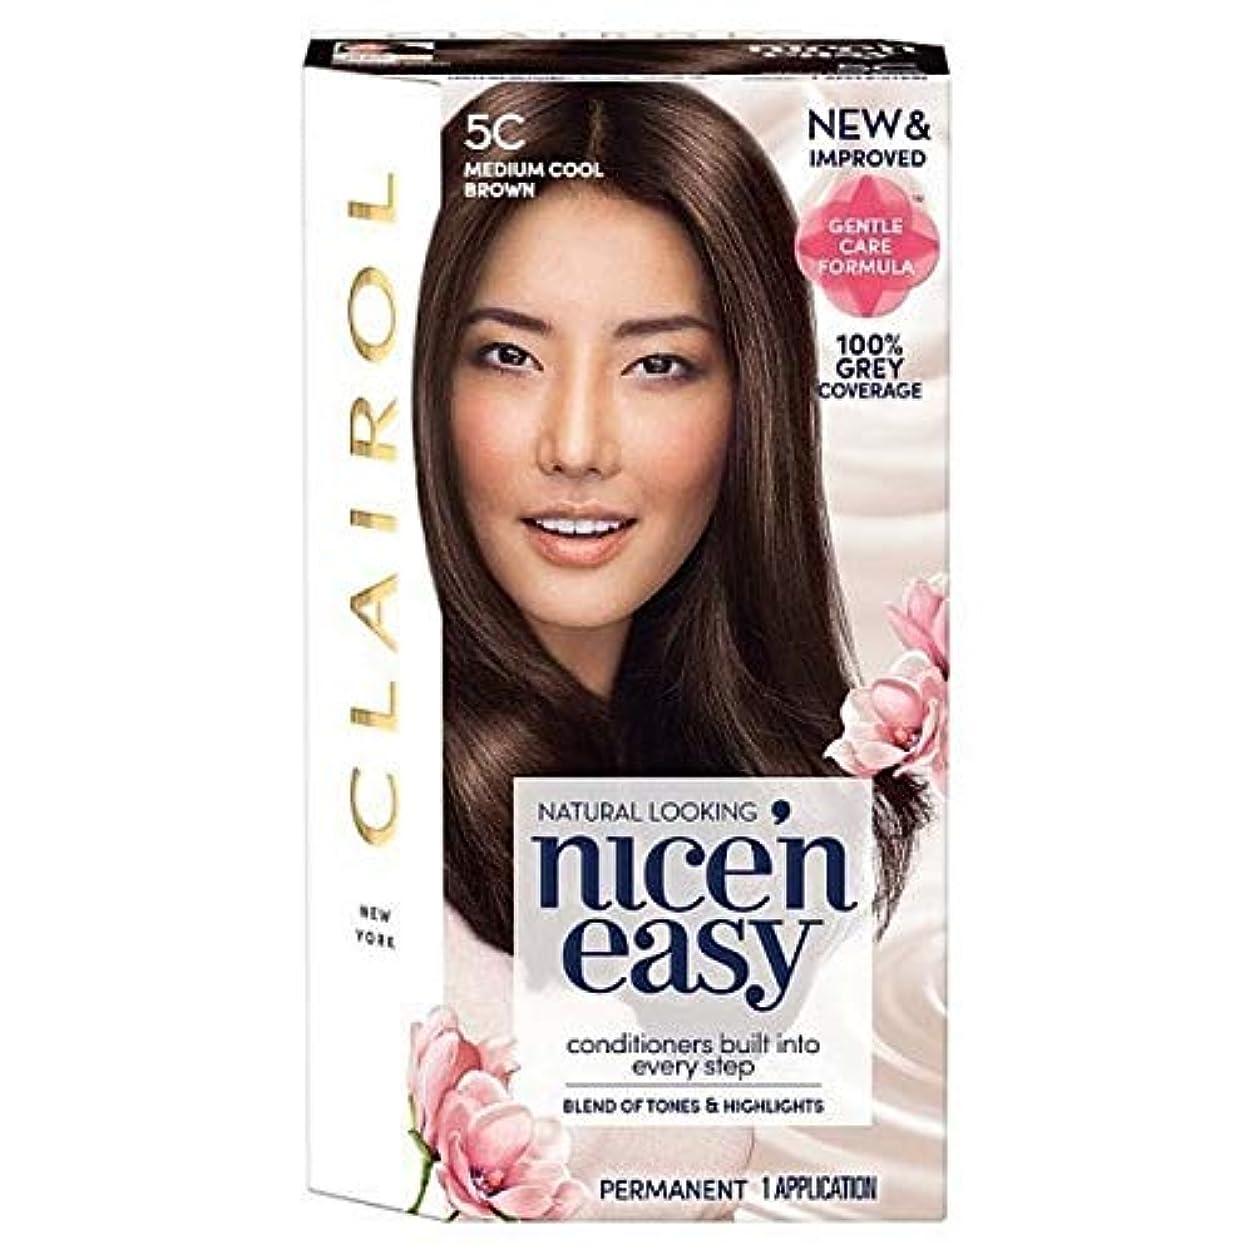 排出アナリスト気性[Nice'n Easy] Nice'N簡単な図5C媒体クールブラウン - Nice'n Easy 5C Medium Cool Brown [並行輸入品]